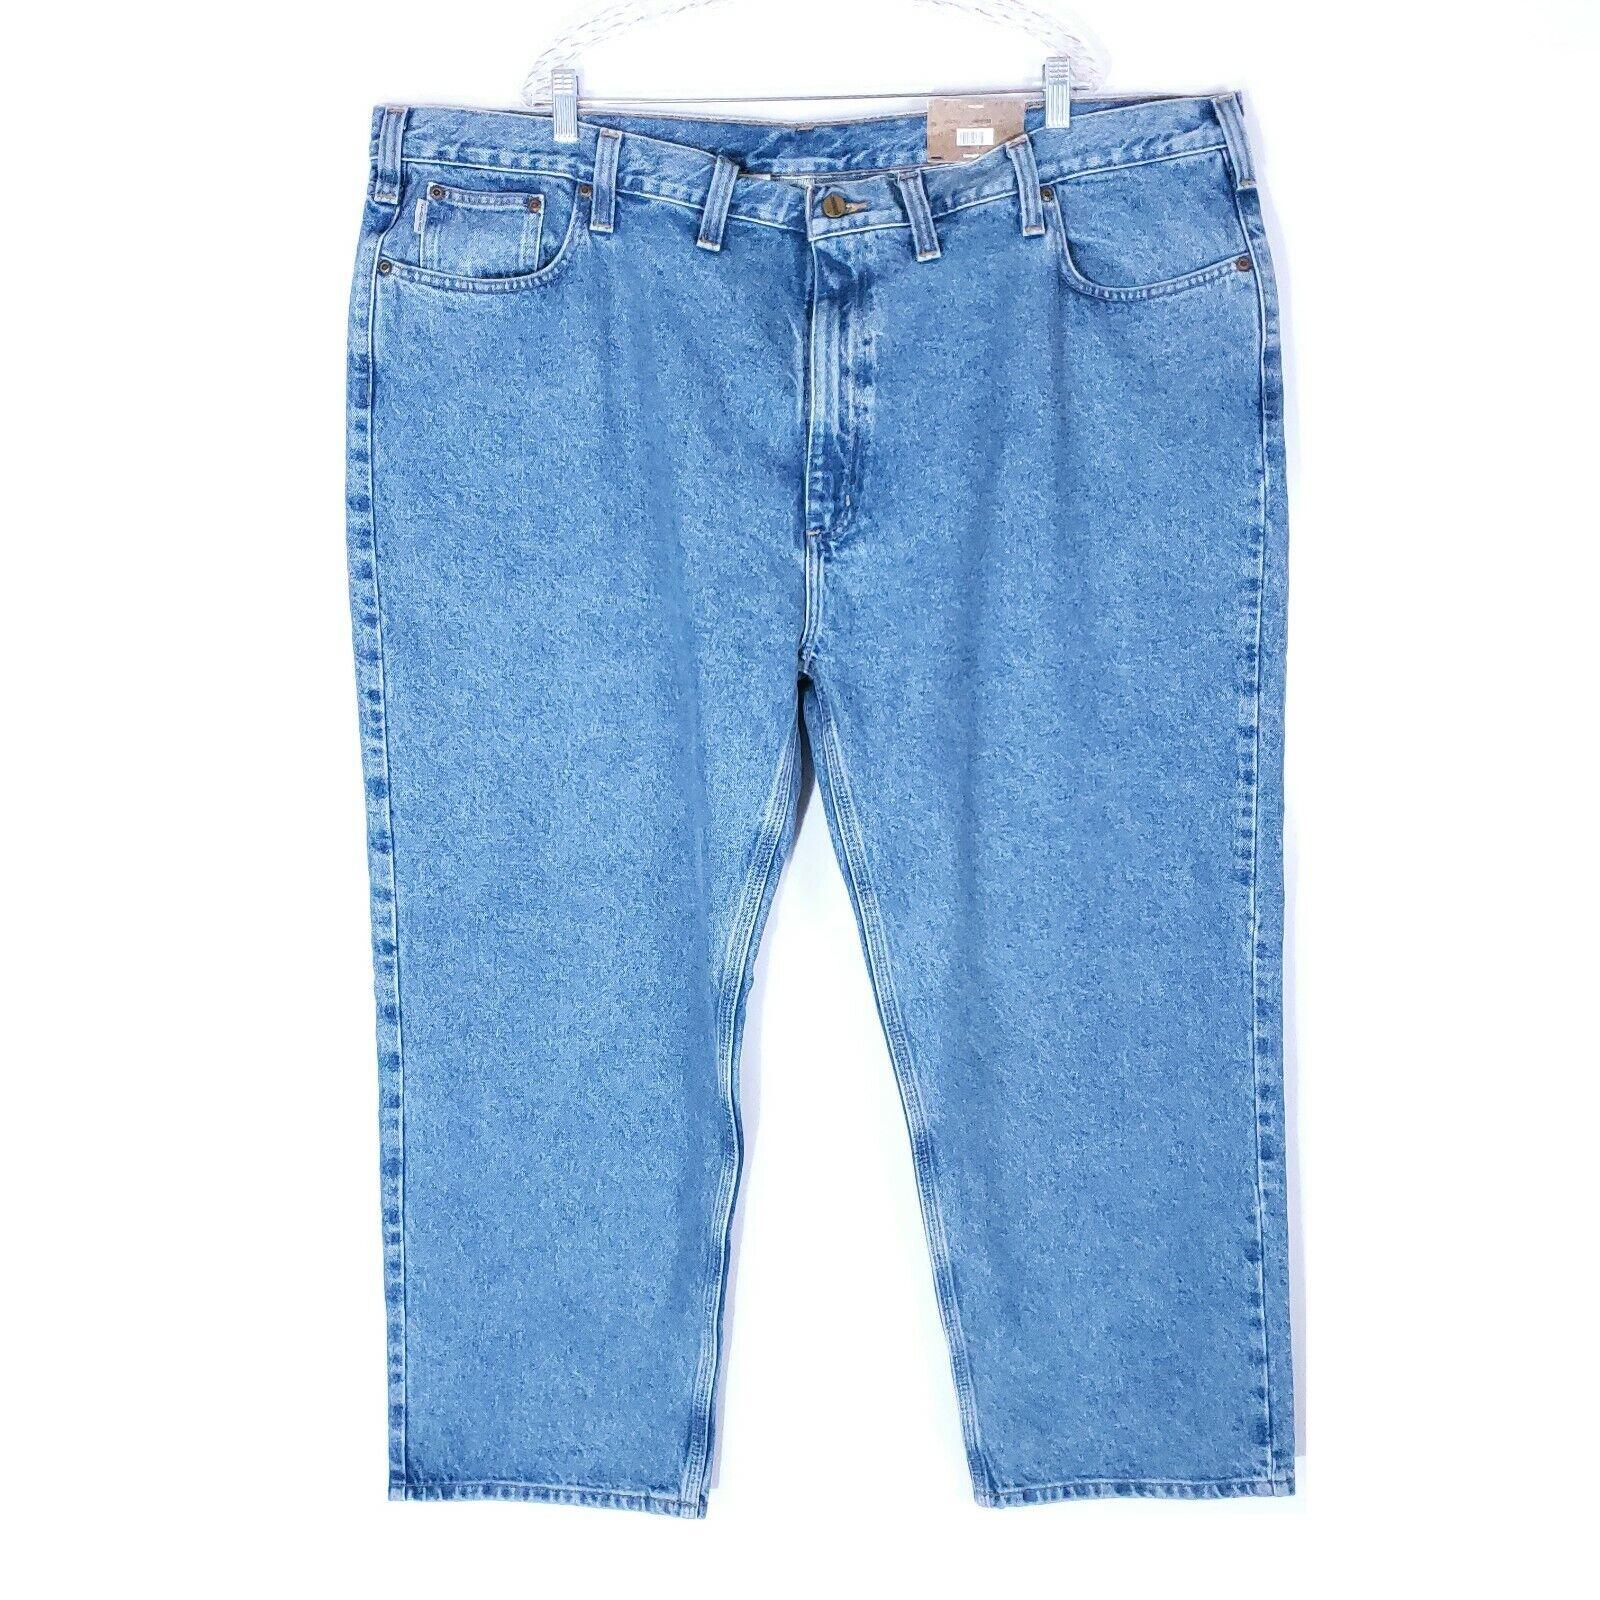 Carhartt Carhartt Men Jeans Cotton Relaxed Fit Straight Leg bluee 50x30 (48x30)